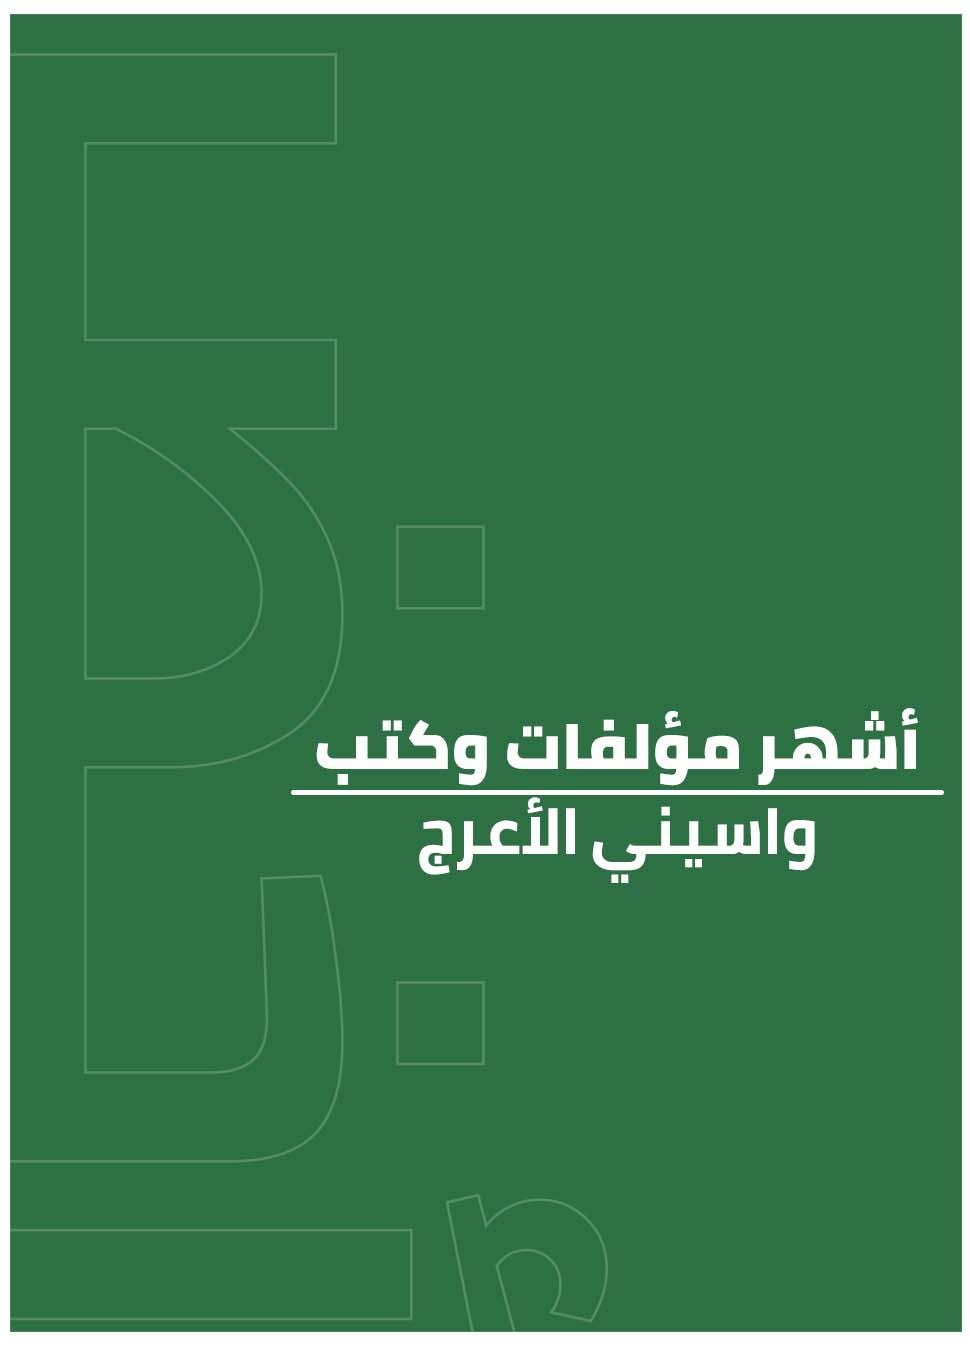 أشهر مؤلفات وكتب واسيني الأعرج